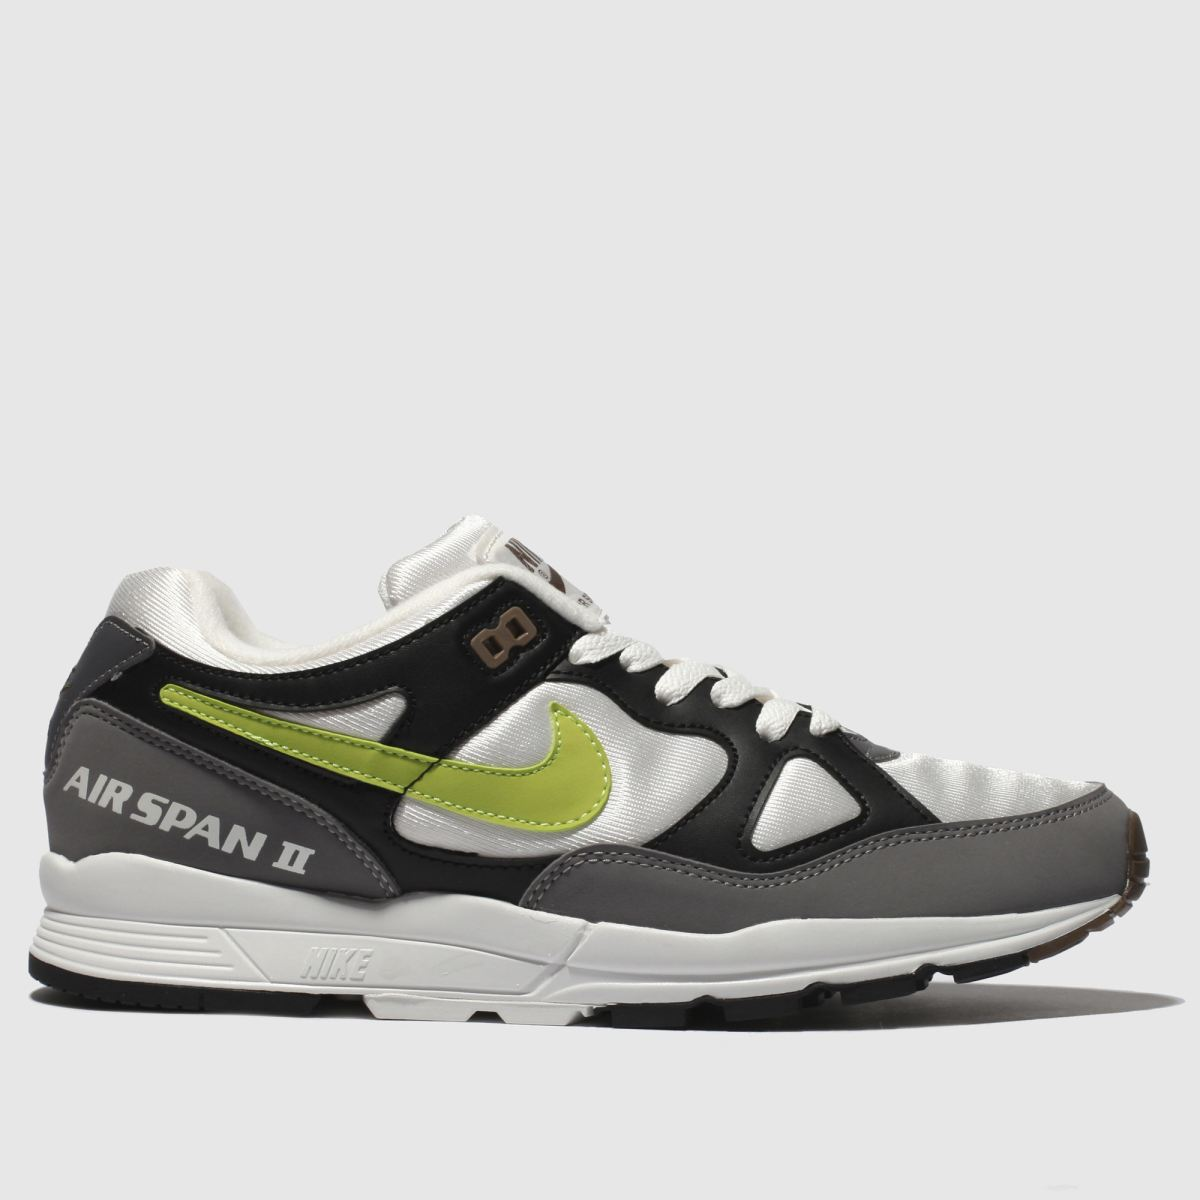 Nike White & Grey Air Span Ii Trainers